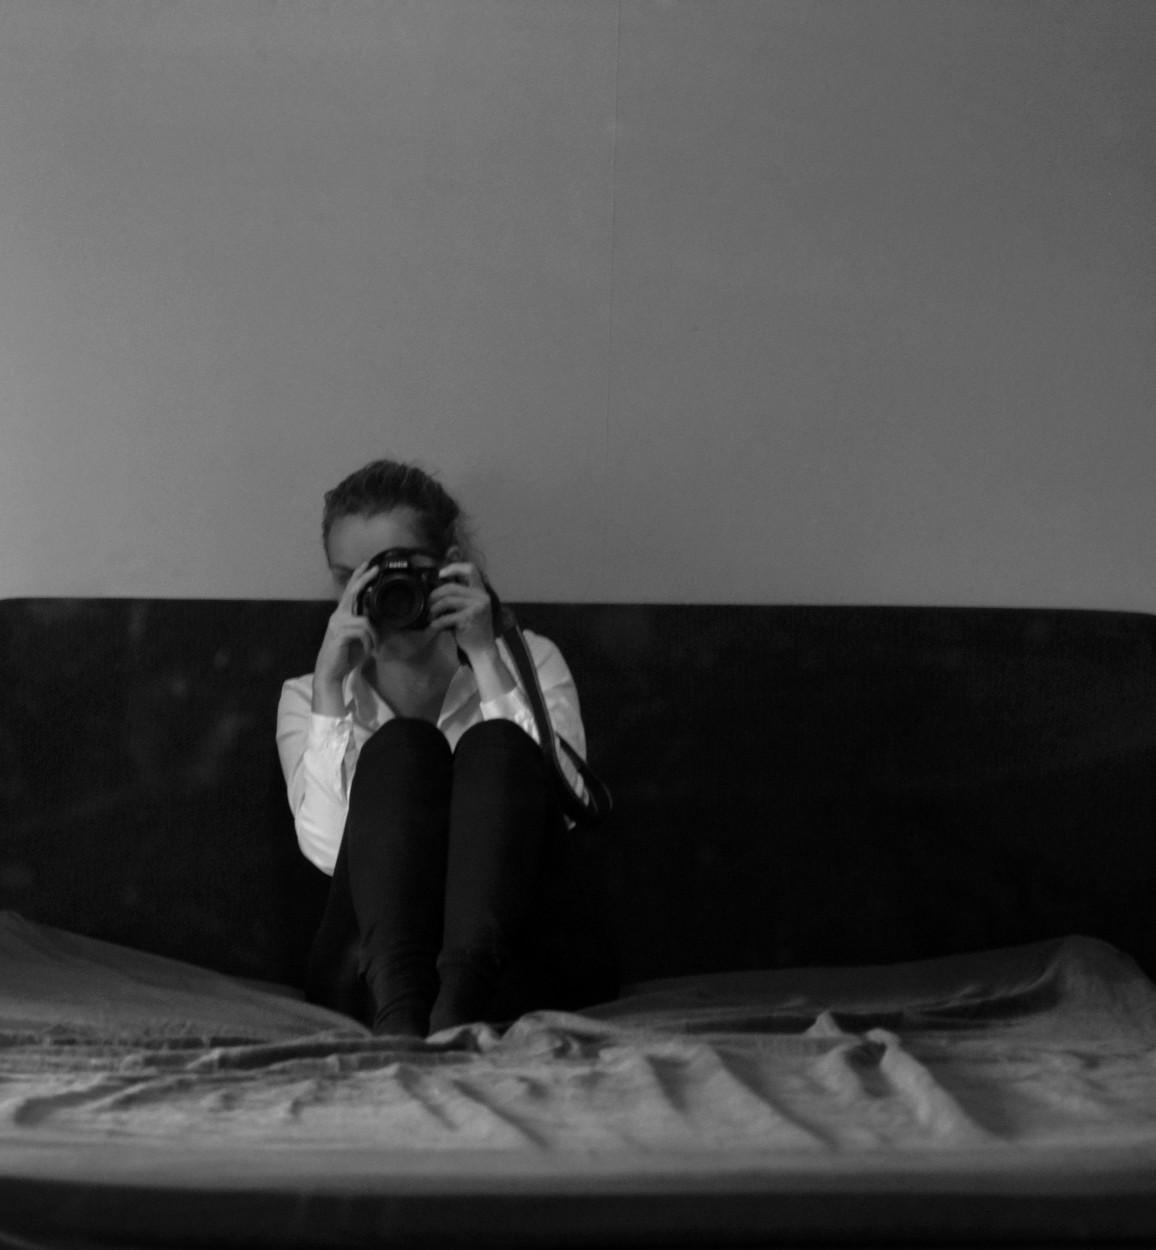 Svartvit bild på skribenten i vit skjorta och jeans med kamera framför ansiktet. Sitter på en säng.